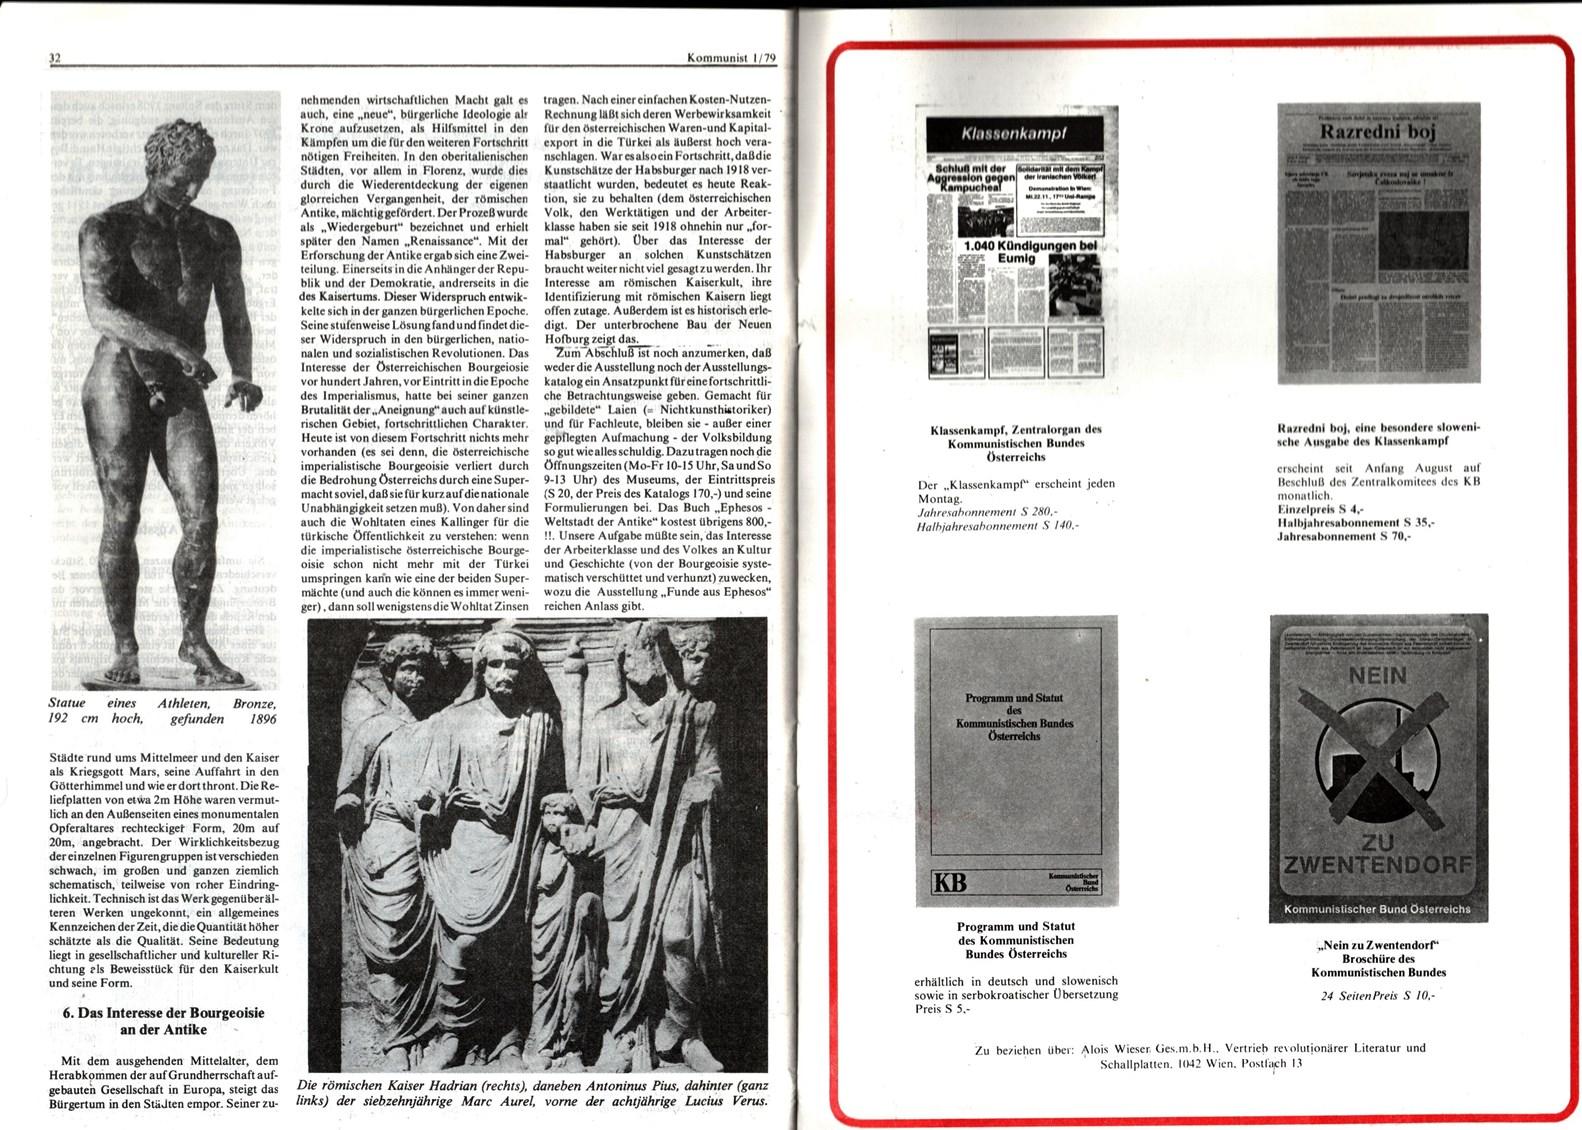 KBOe_TO_Kommunist_19790100_001_018